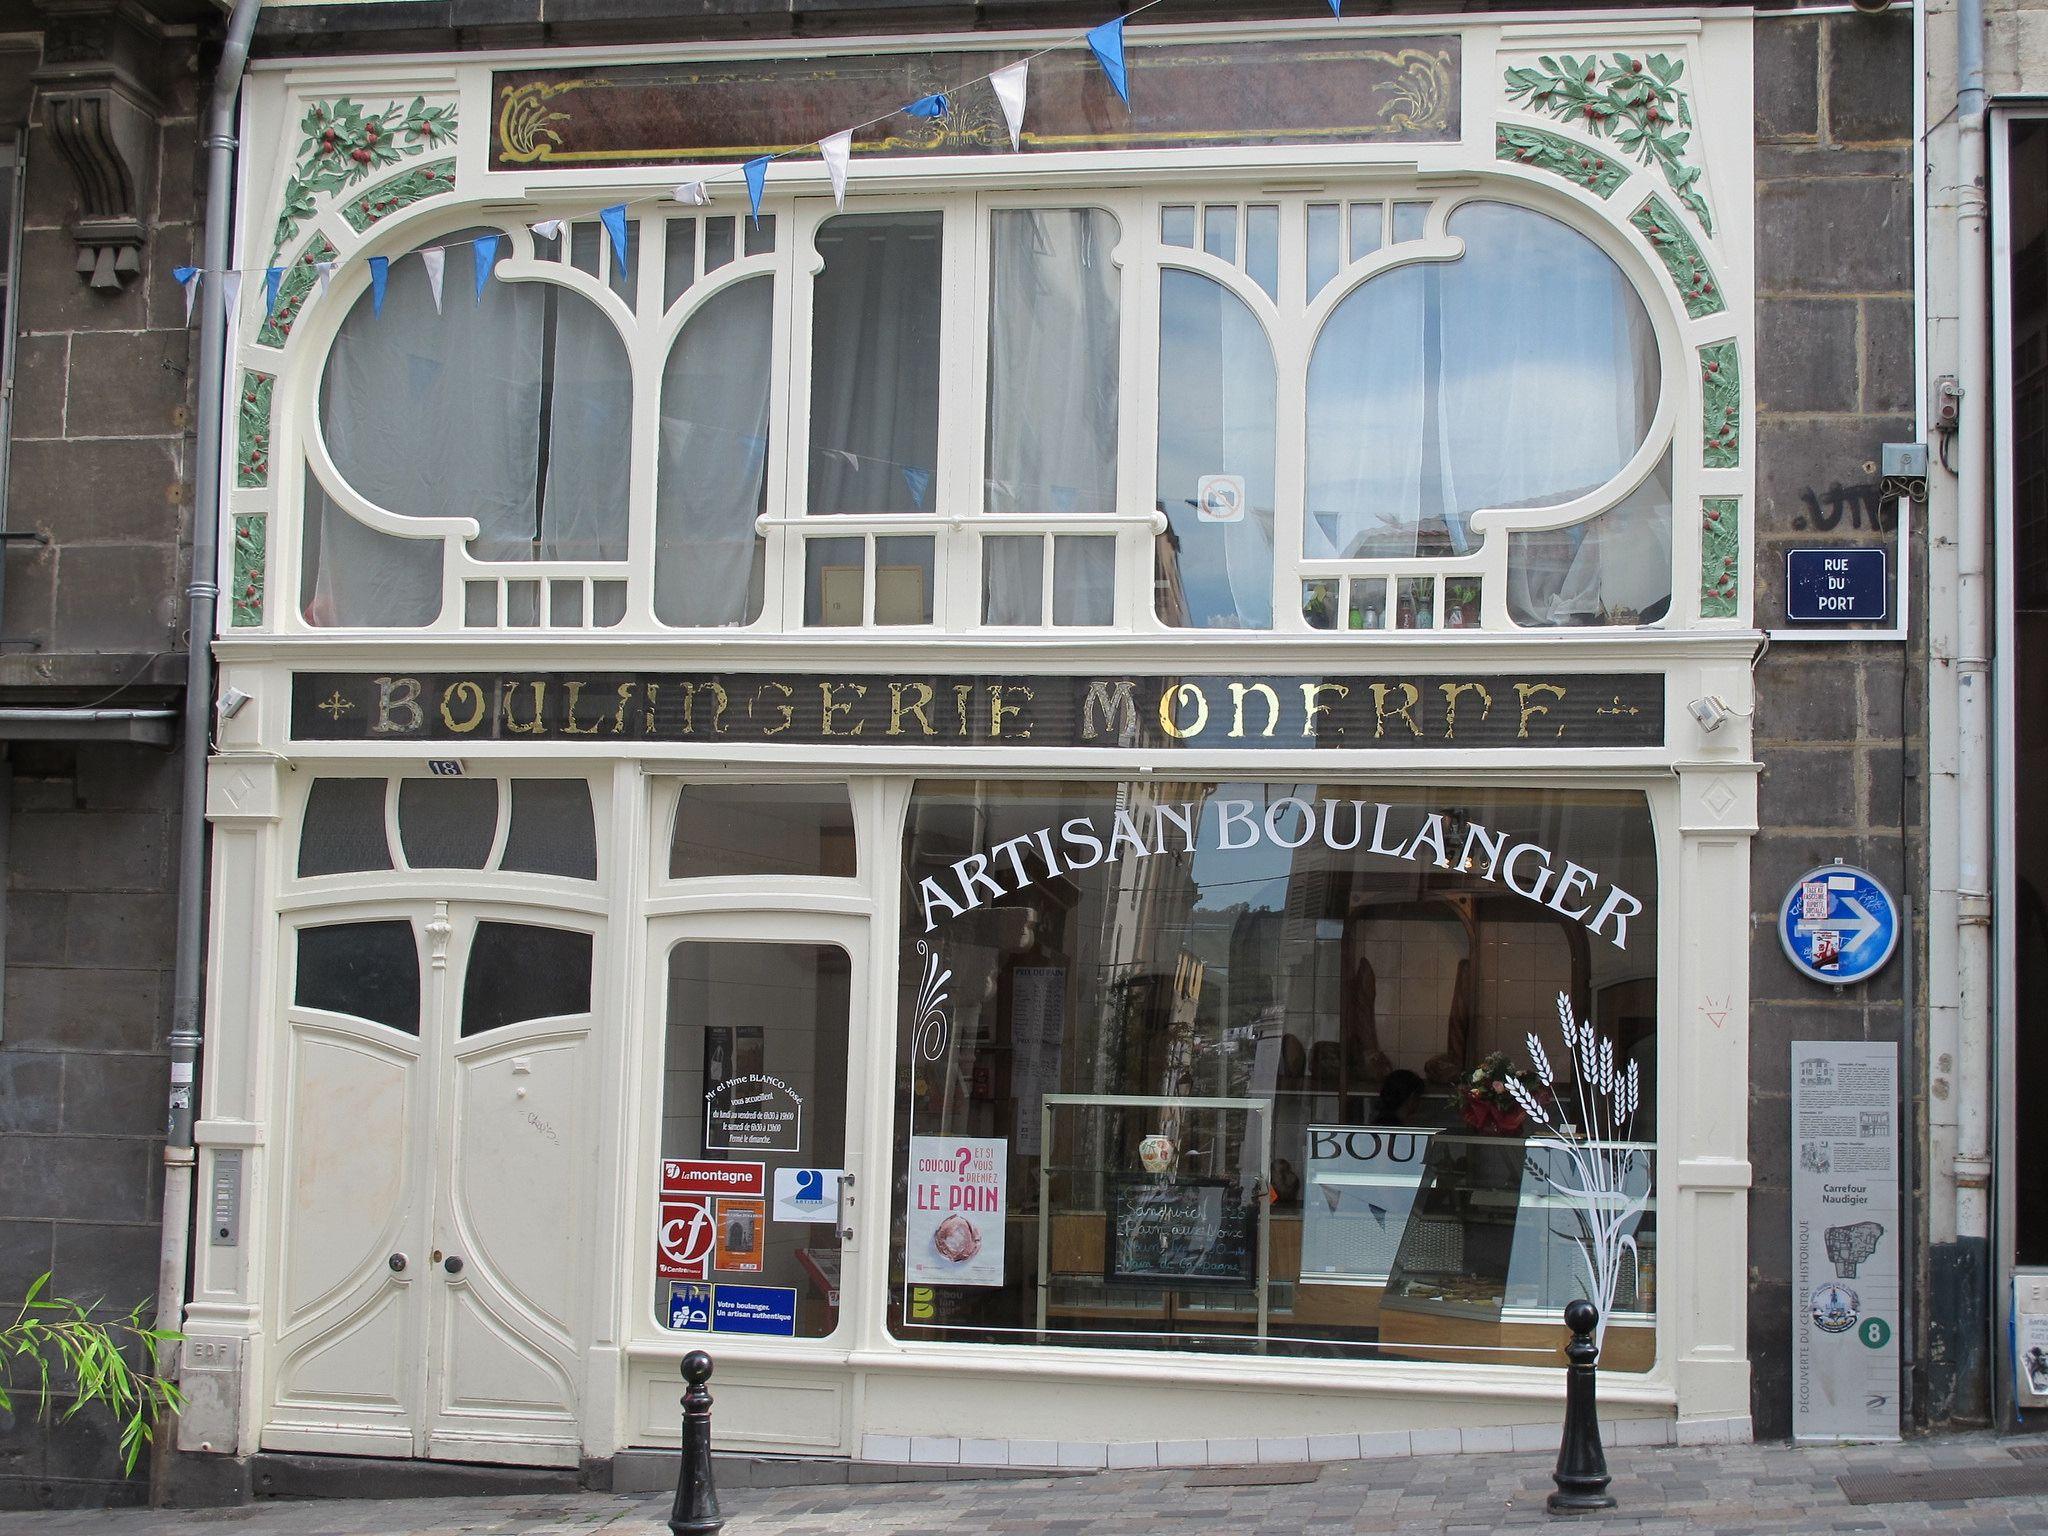 Boulangerie moderne vers 1905 rue du port clermont ferrand 63 travel art nouveau - Rue du port clermont ferrand ...